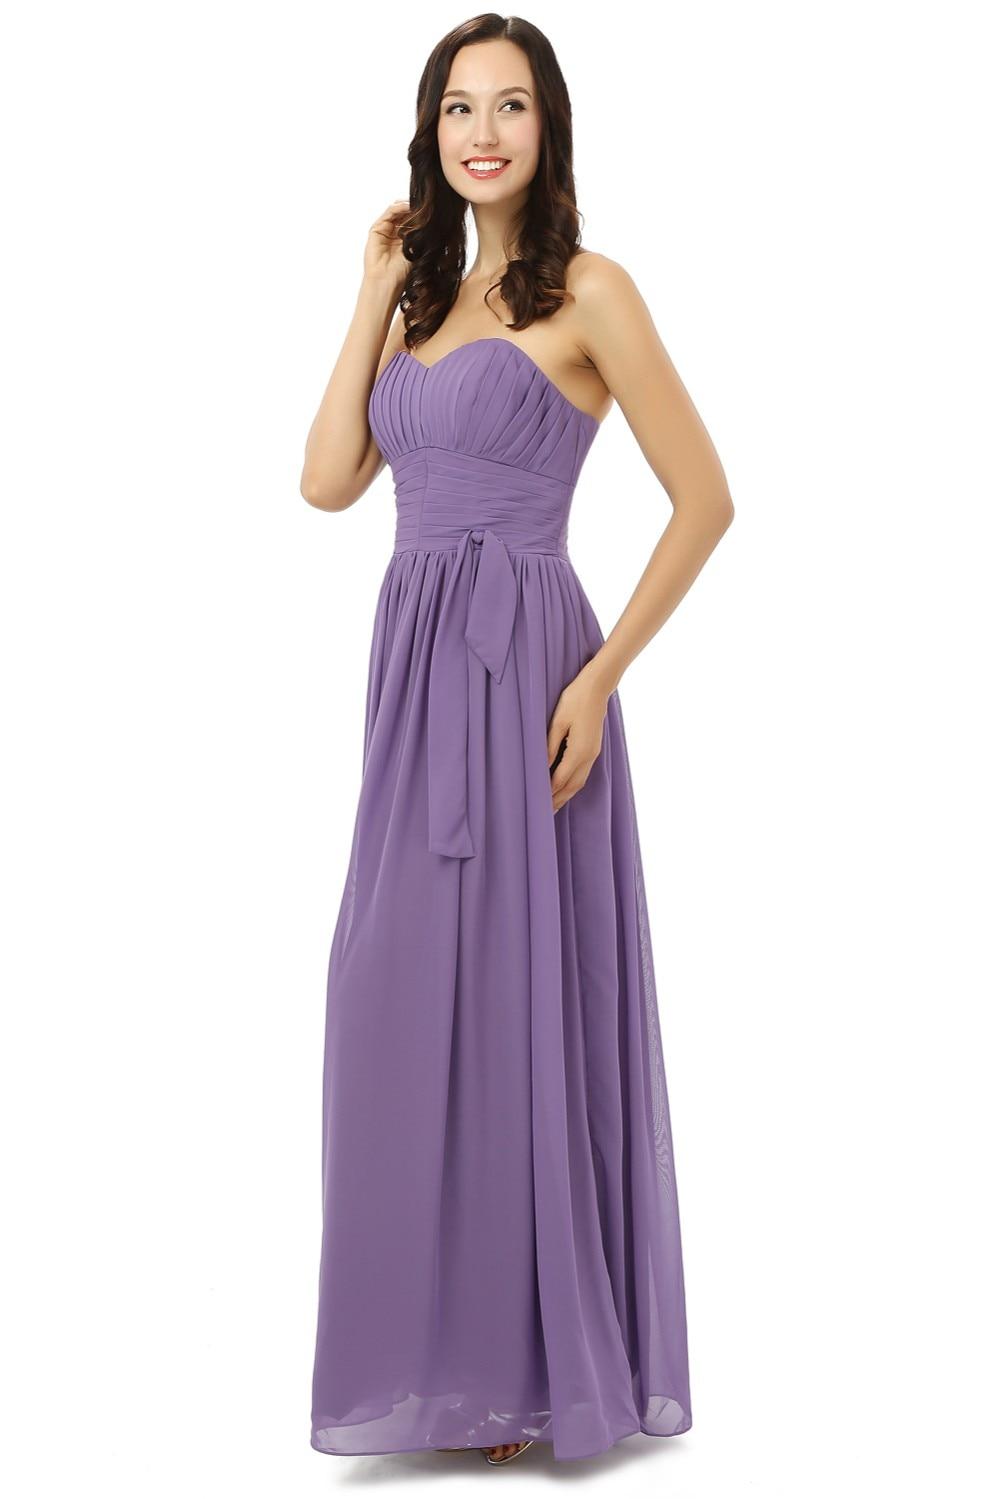 Nouveau 2019 robes de demoiselle d'honneur pas cher moins de 50 a-ligne chérie longueur de plancher en mousseline de soie violet clair robes de fête de mariage - 2